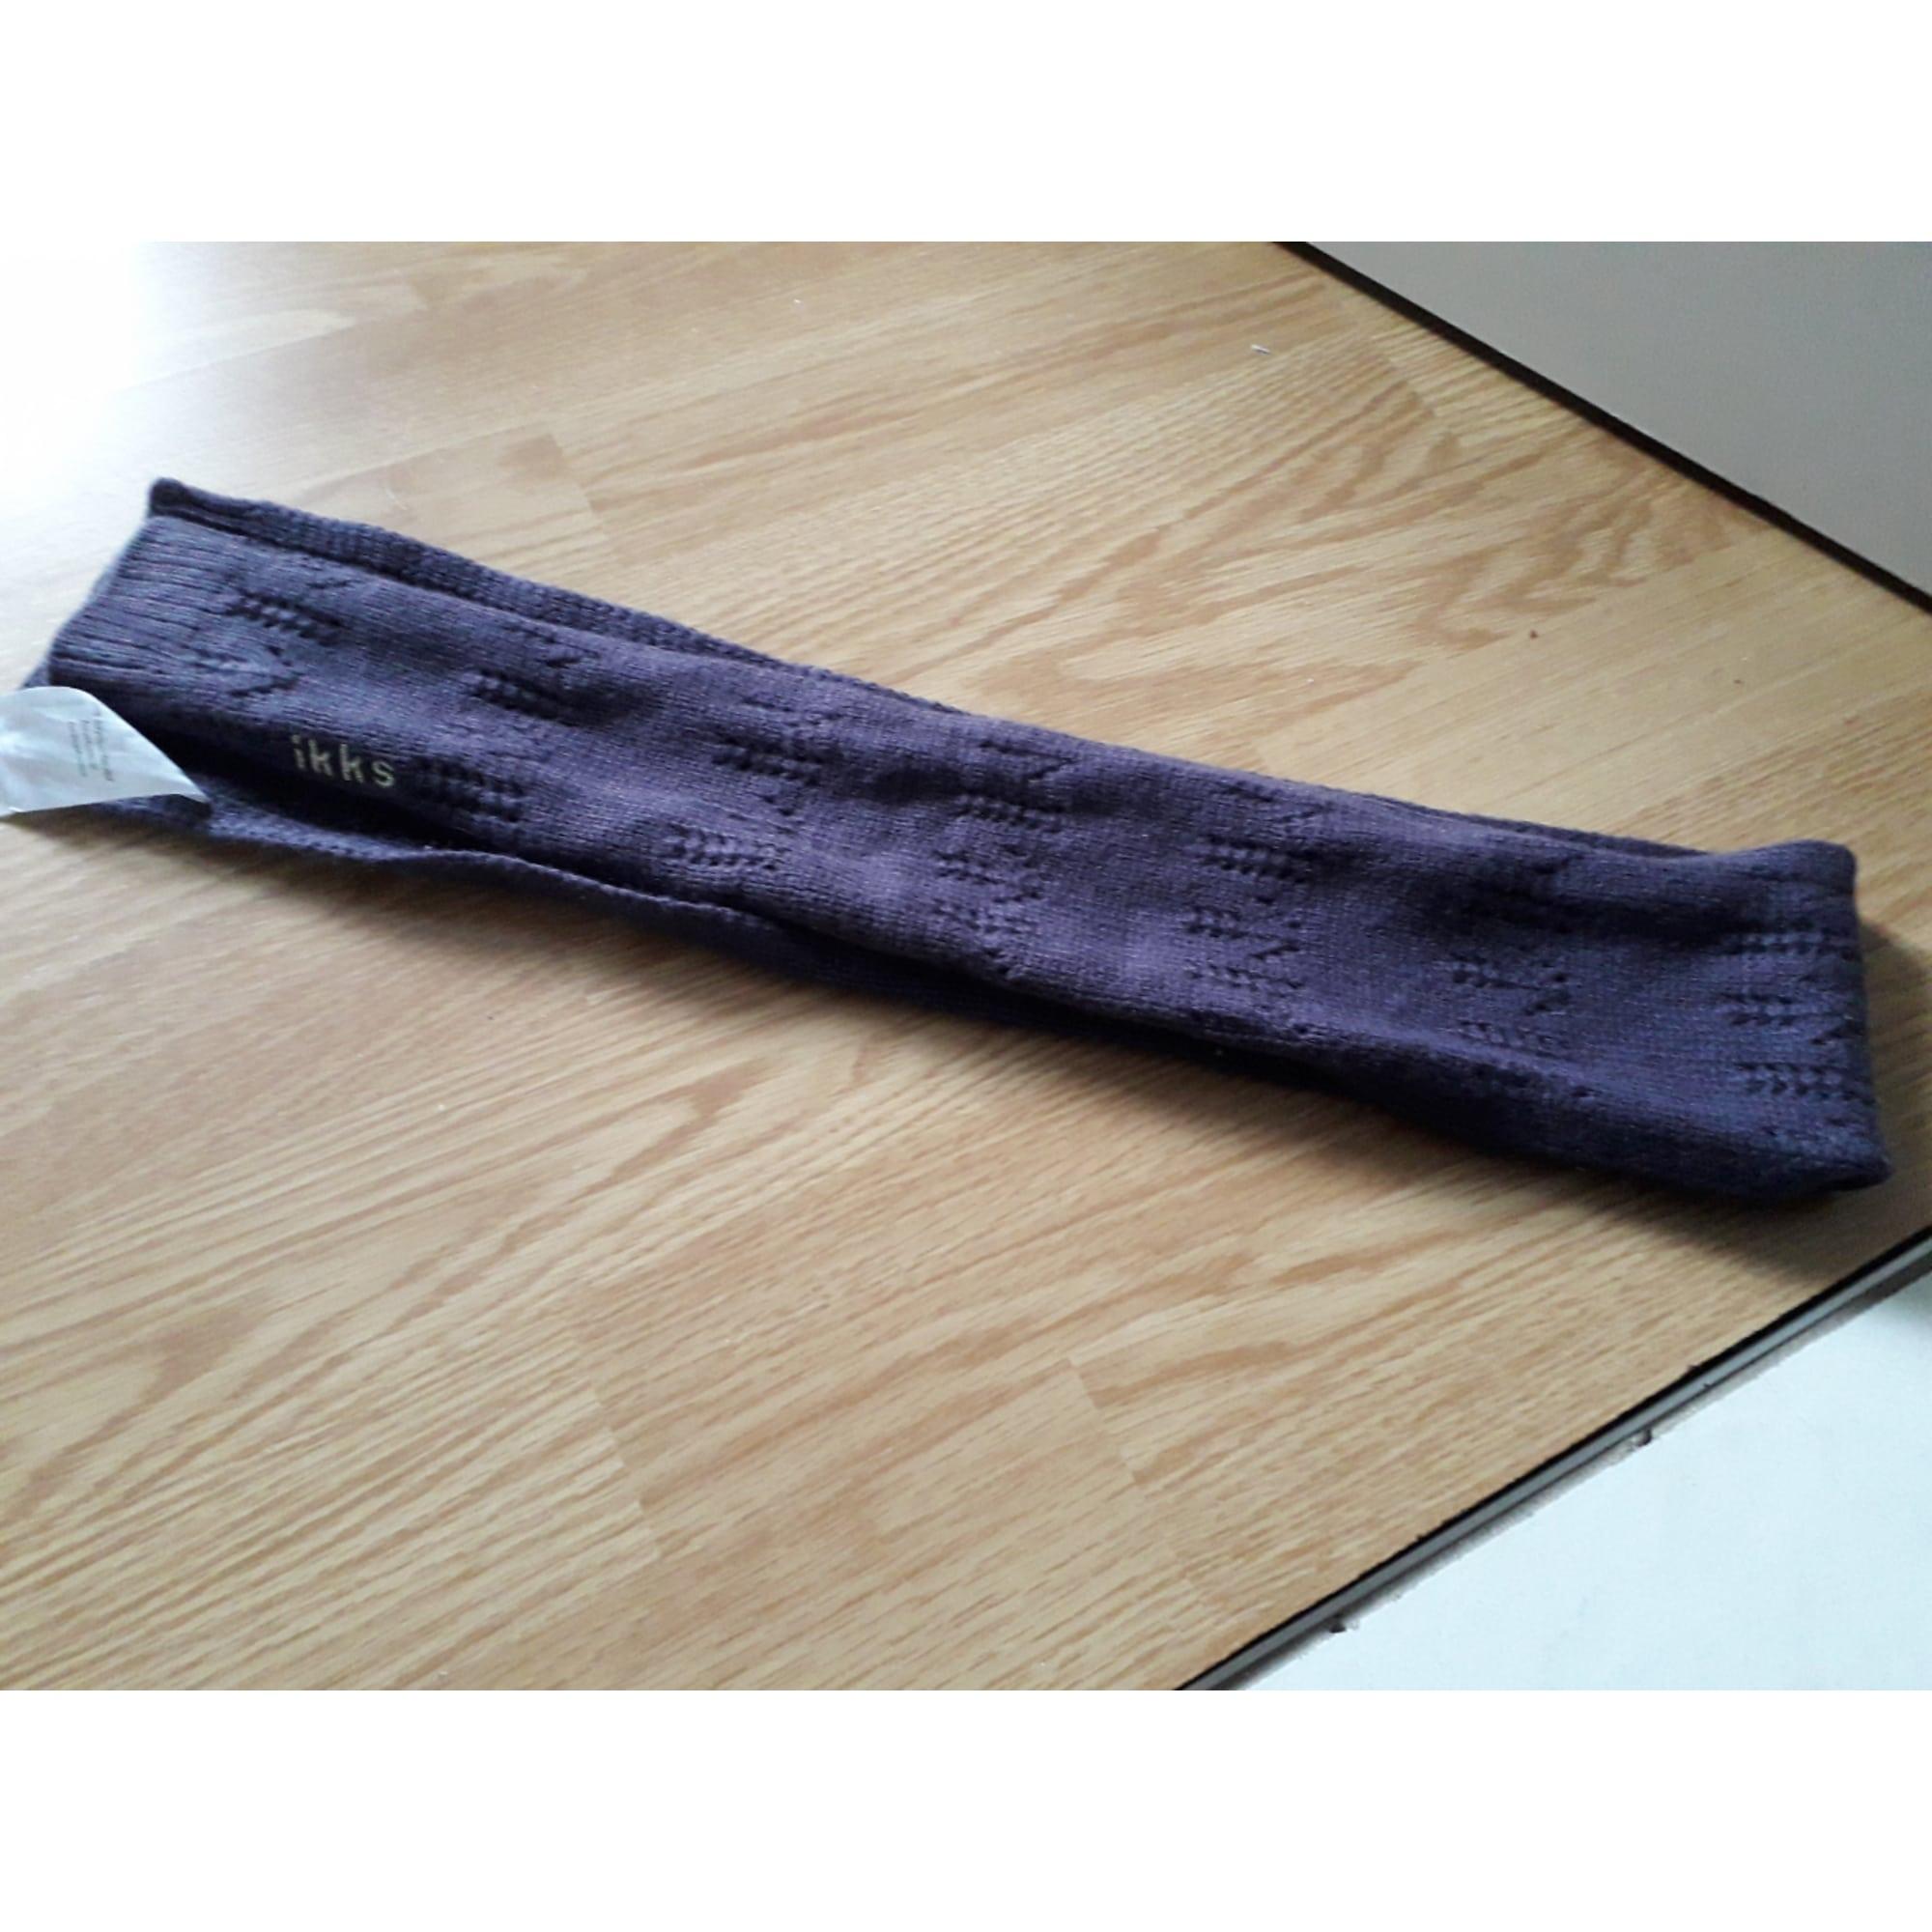 Schals IKKS Violett, malvenfarben, lavendelfarben